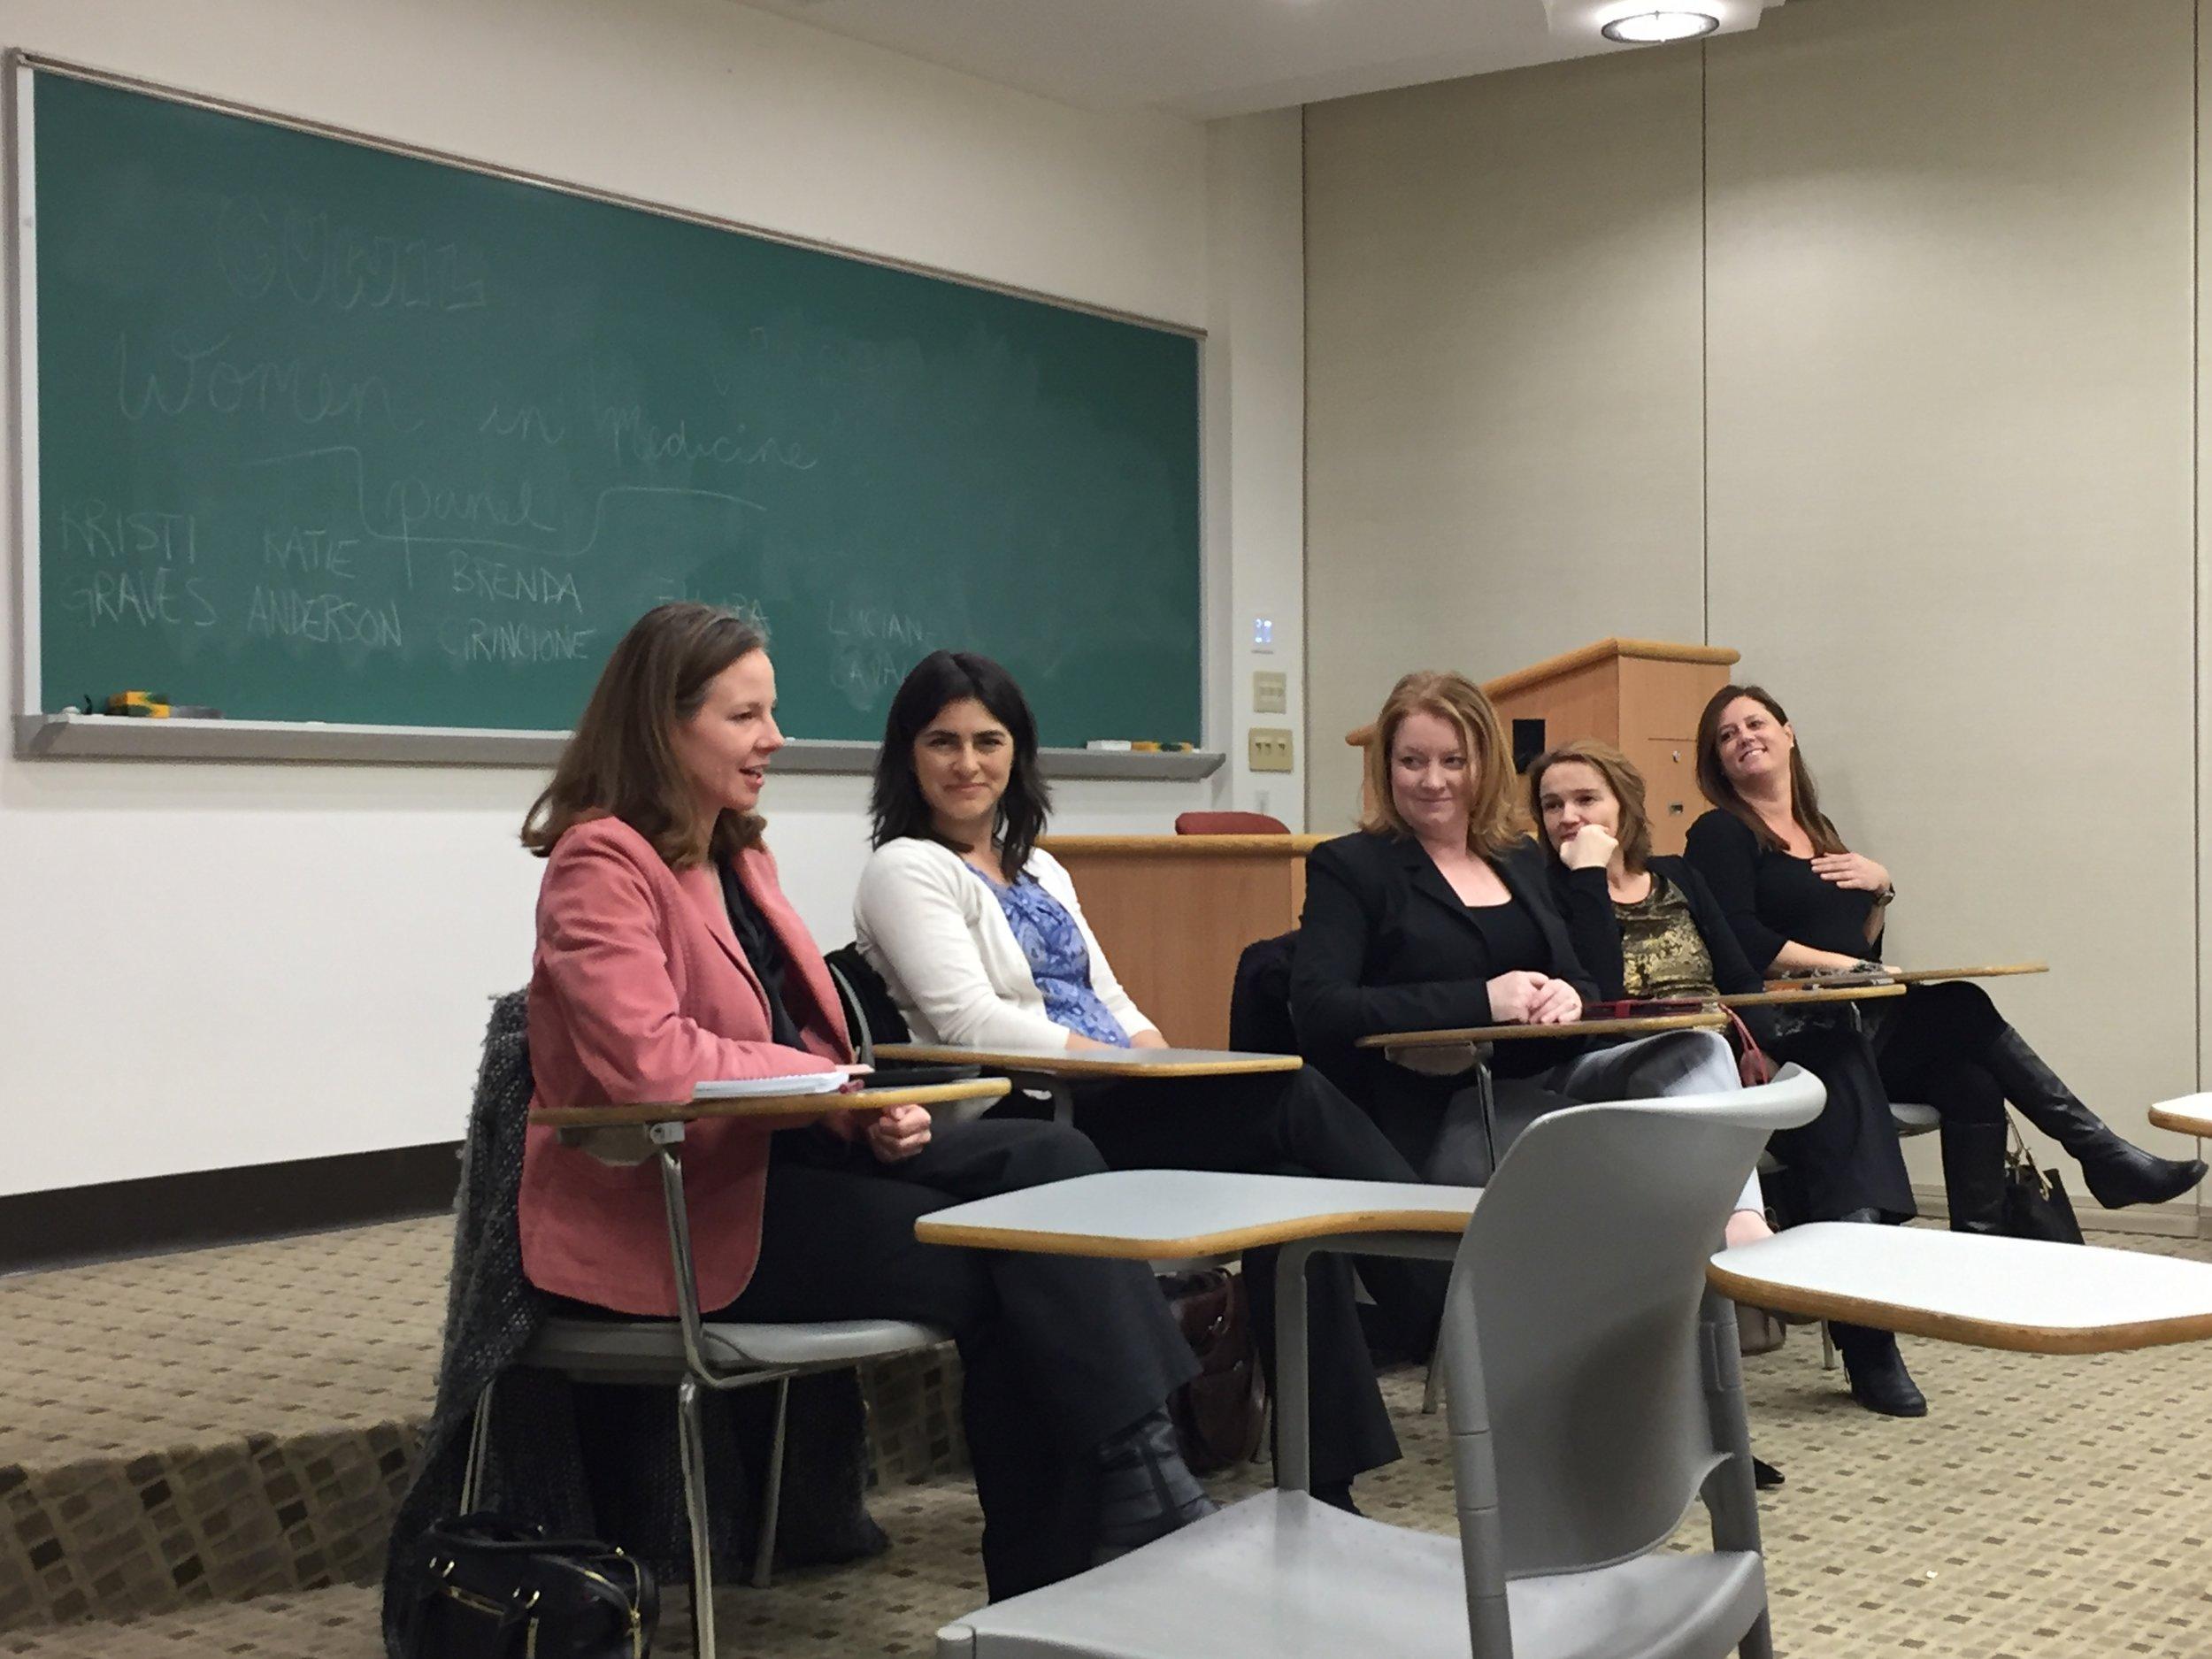 March 15: Women in Med